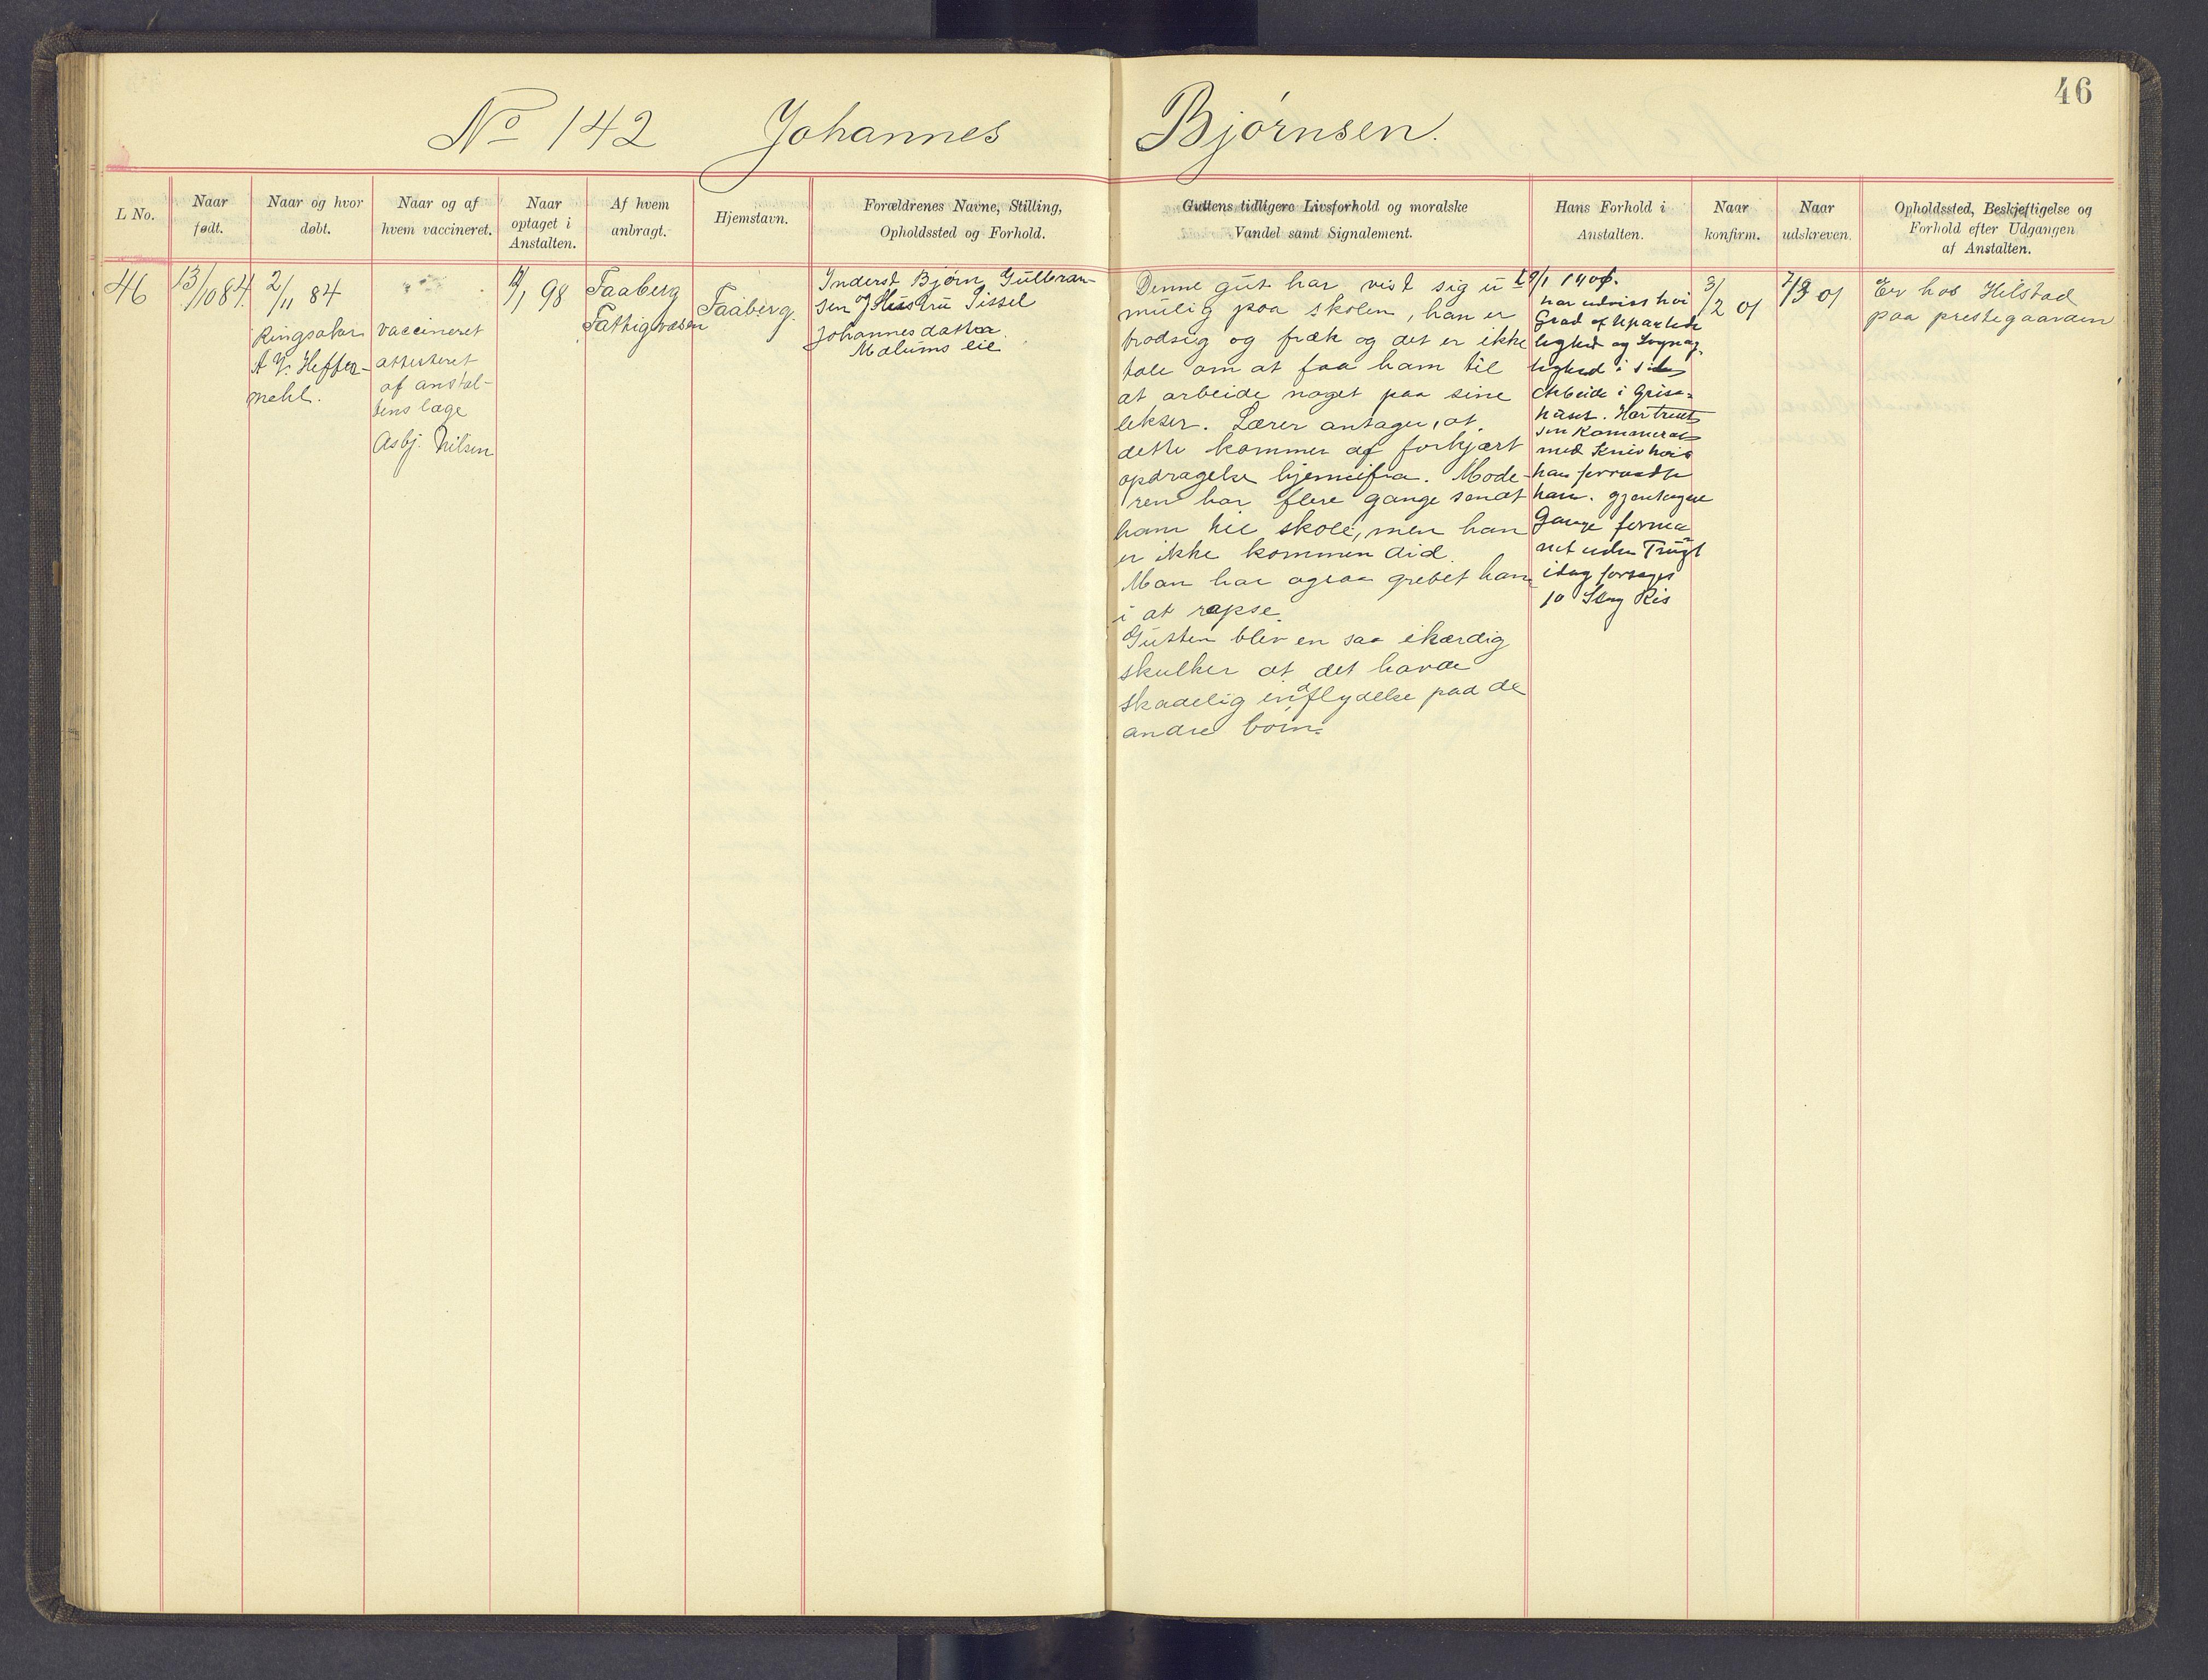 SAH, Toftes Gave, F/Fc/L0005: Elevprotokoll, 1897-1900, s. 46